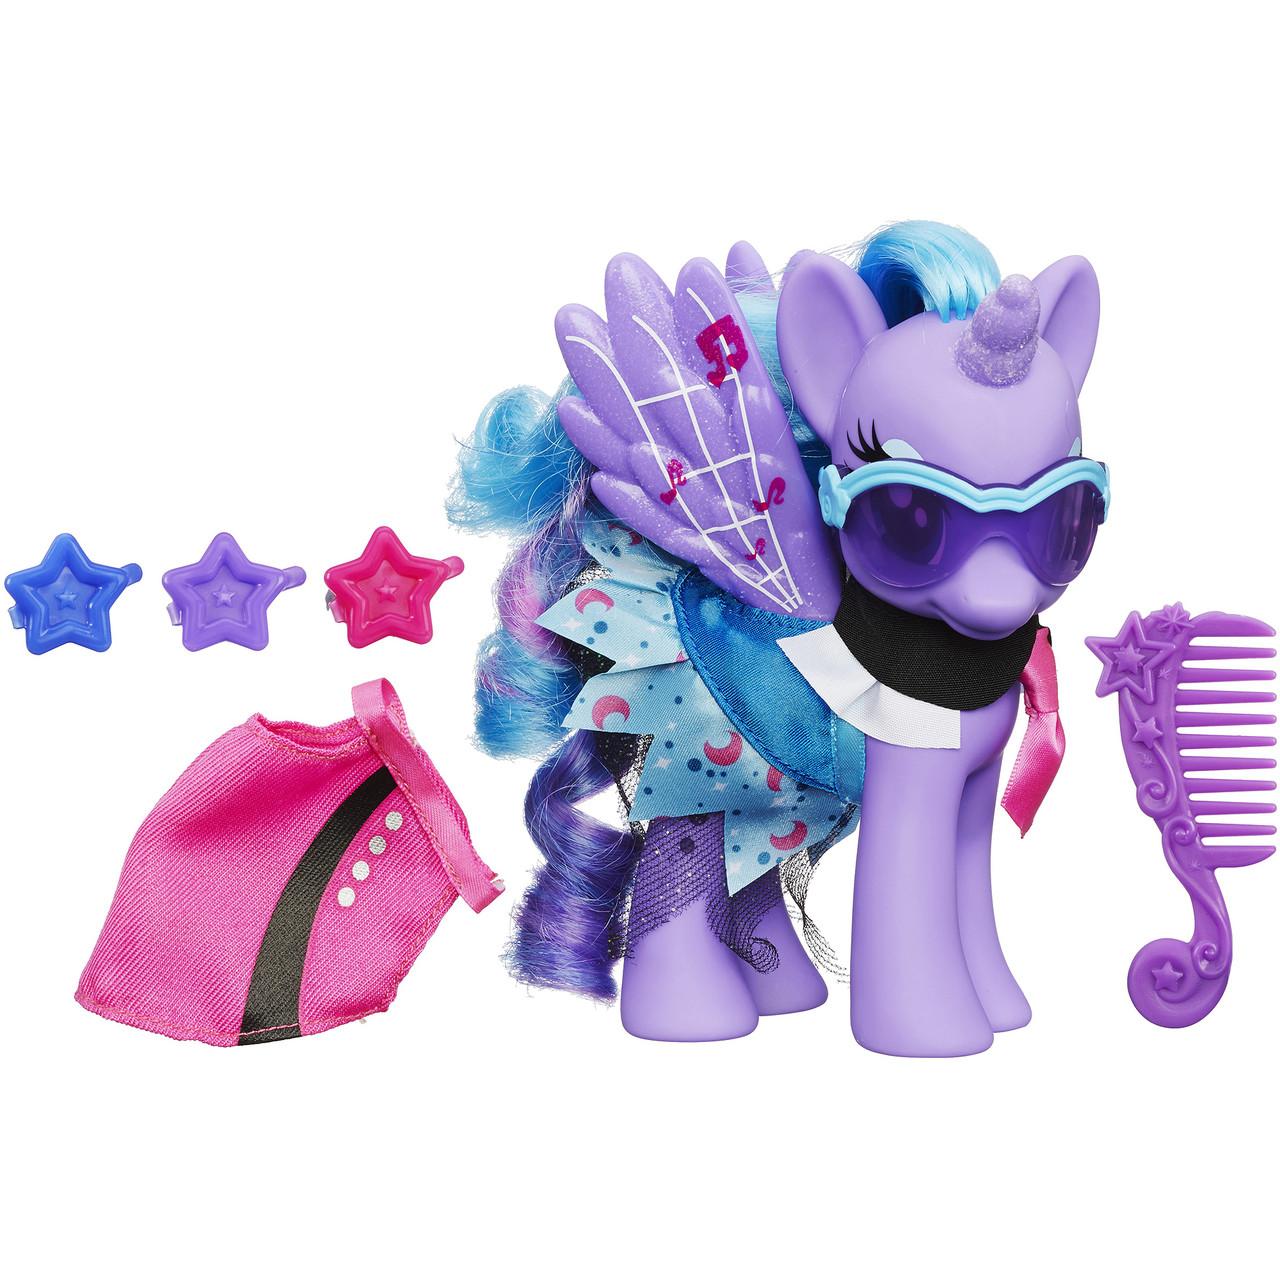 My Little Pony Принцеса Луна Модниця серія Задзеркалля (Май Литл Пони Принцесса Луна  Модница Зазеркалье)